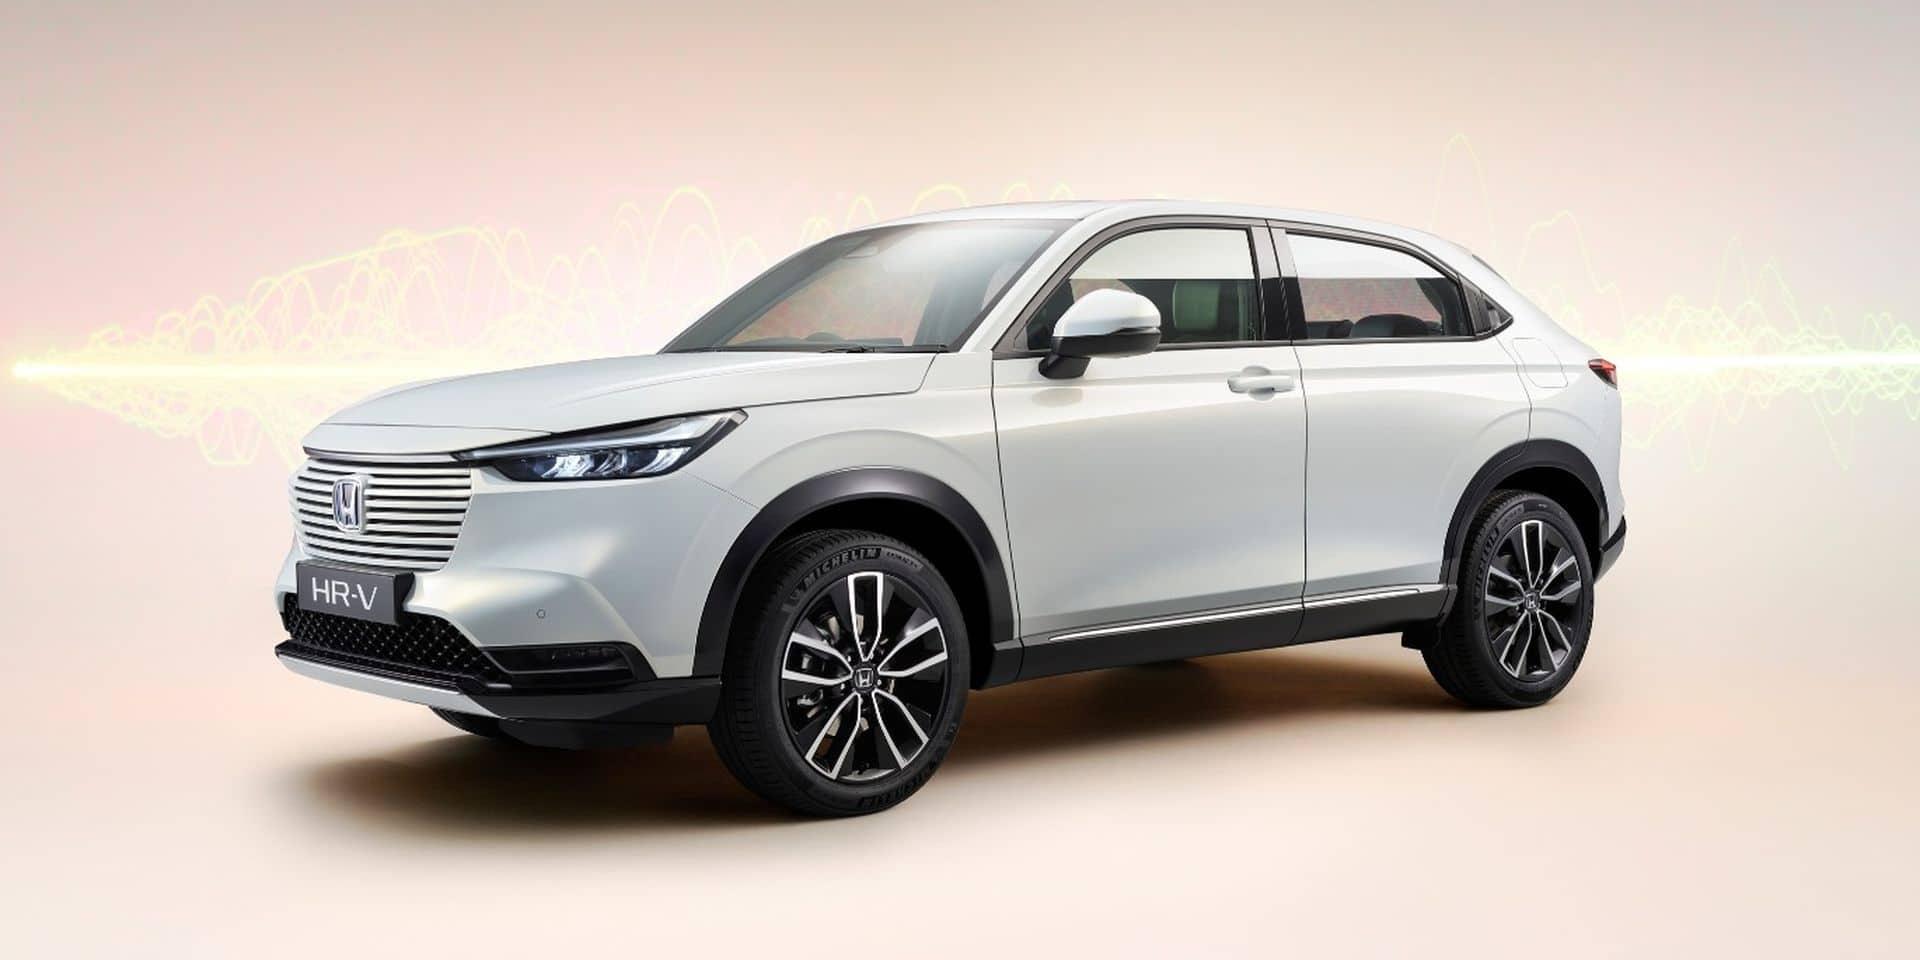 Honda HR-V : la version européenne arrive